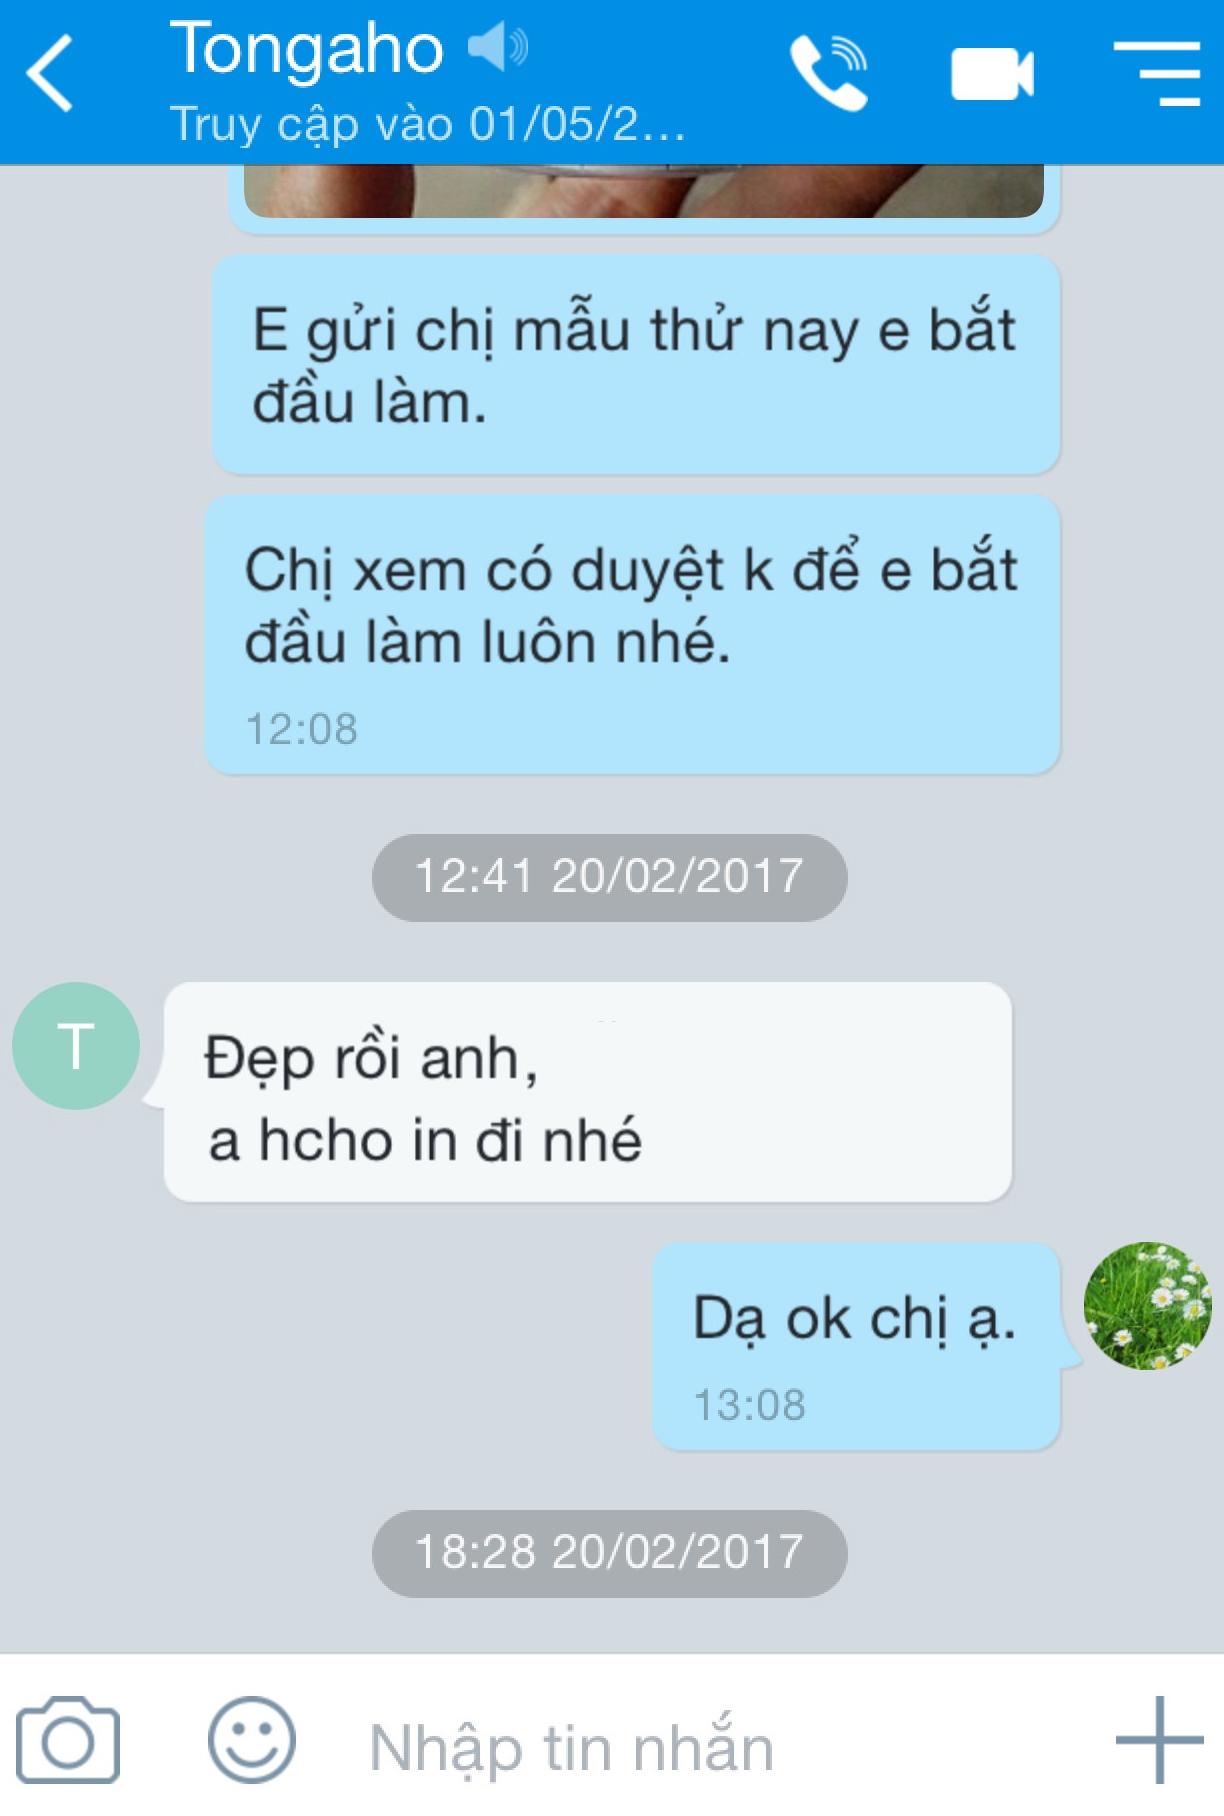 nhan-xet-tongaho